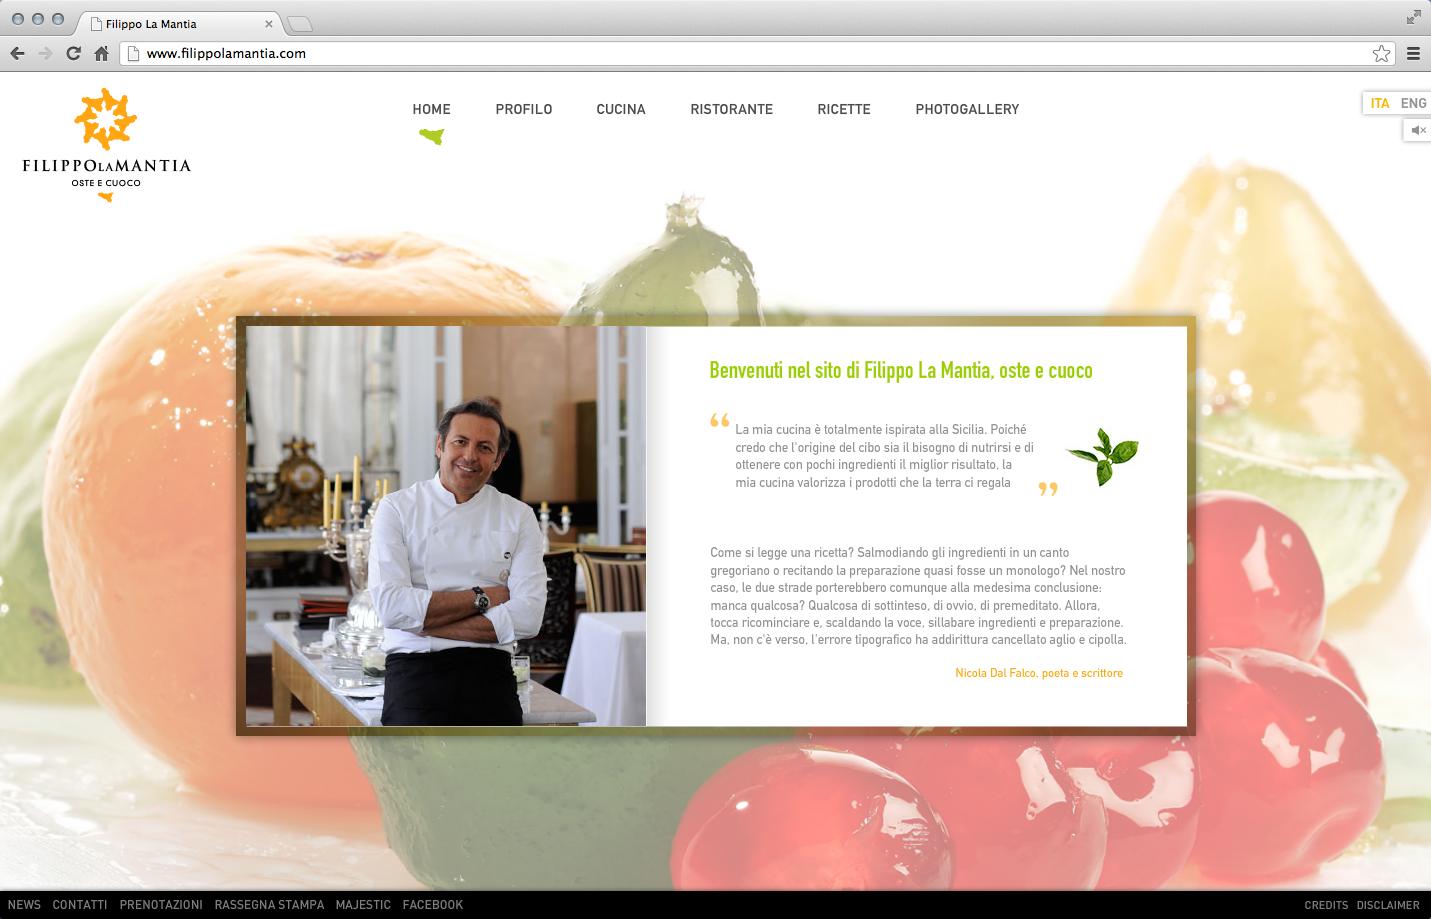 Filippo La Mantia Rebranding - Web site 1